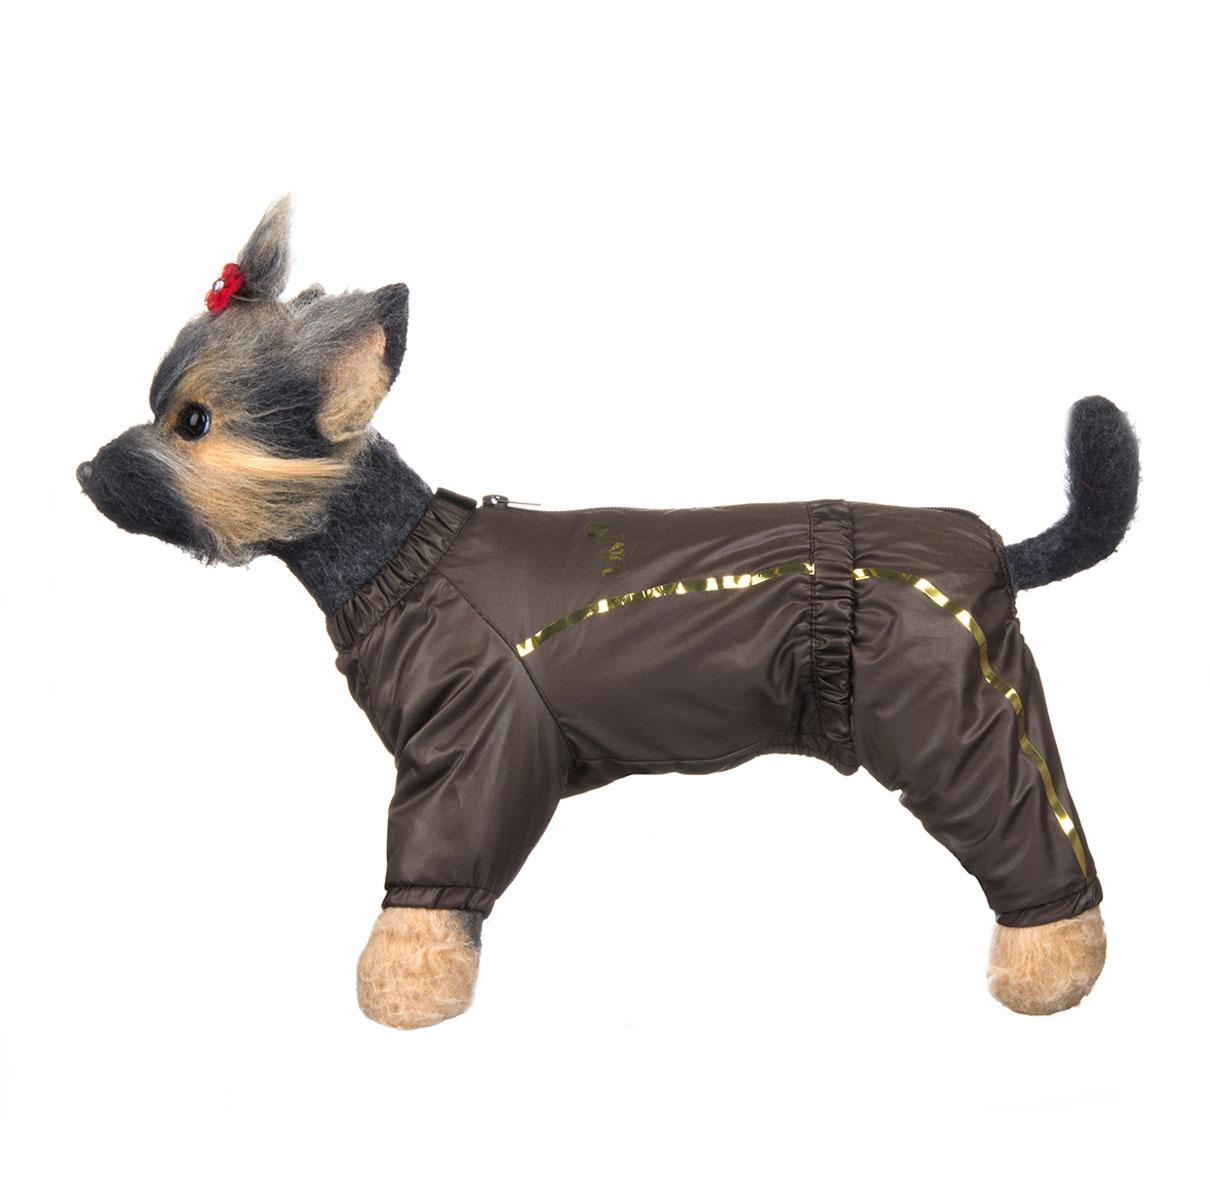 Комбинезон для собак Dogmoda Альпы, зимний, для мальчика, цвет: коричневый, бежевый. Размер 4 (XL)DM-150352-4Зимний комбинезон для собак Dogmoda Альпы отлично подойдет для прогулок в зимнее время года.Комбинезон изготовлен из полиэстера, защищающего от ветра и снега, с утеплителем из синтепона, который сохранит тепло даже в сильные морозы, а на подкладке используется искусственный мех, который обеспечивает отличный воздухообмен. Комбинезон застегивается на молнию и липучку, благодаря чему его легко надевать и снимать. Ворот, низ рукавов и брючин оснащены внутренними резинками, которые мягко обхватывают шею и лапки, не позволяя просачиваться холодному воздуху. На пояснице имеется внутренняя резинка. Изделие декорировано золотистыми полосками и надписью DM.Благодаря такому комбинезону простуда не грозит вашему питомцу и он сможет испытать не сравнимое удовольствие от снежных игр и забав.